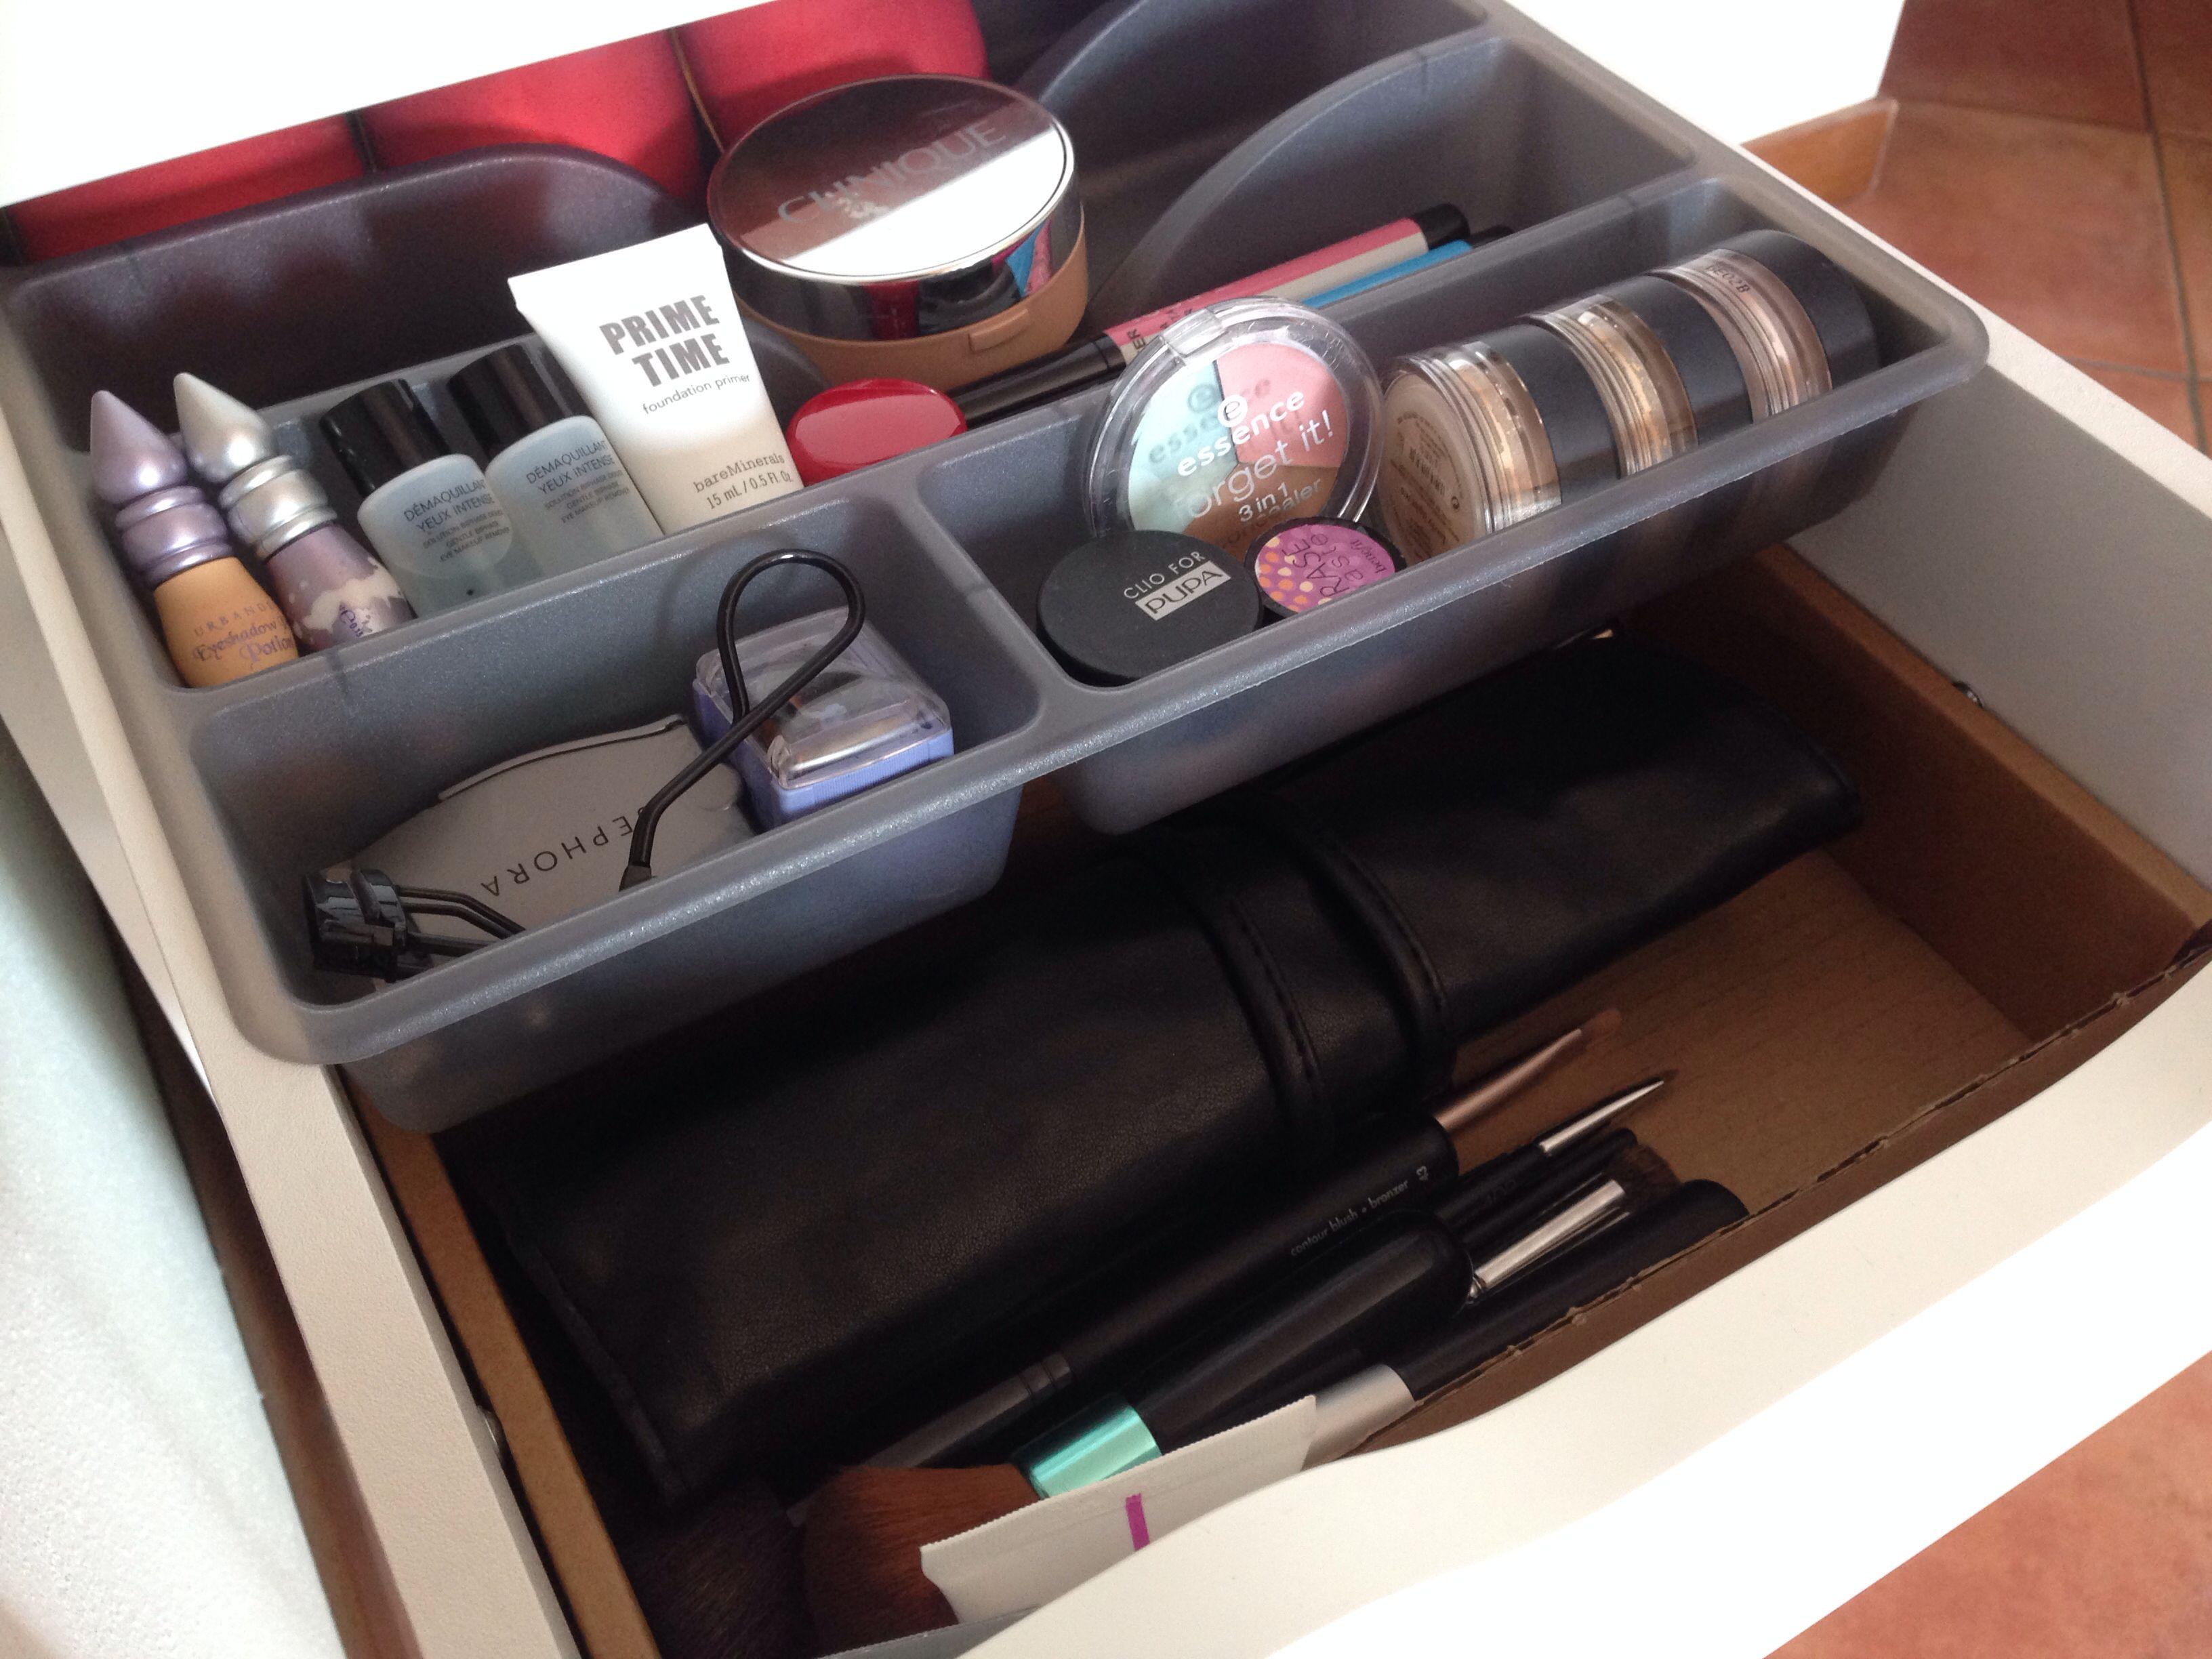 Cassettiera Per Armadio Ikea un modo semplice ed economico per organizzare la cassettiera